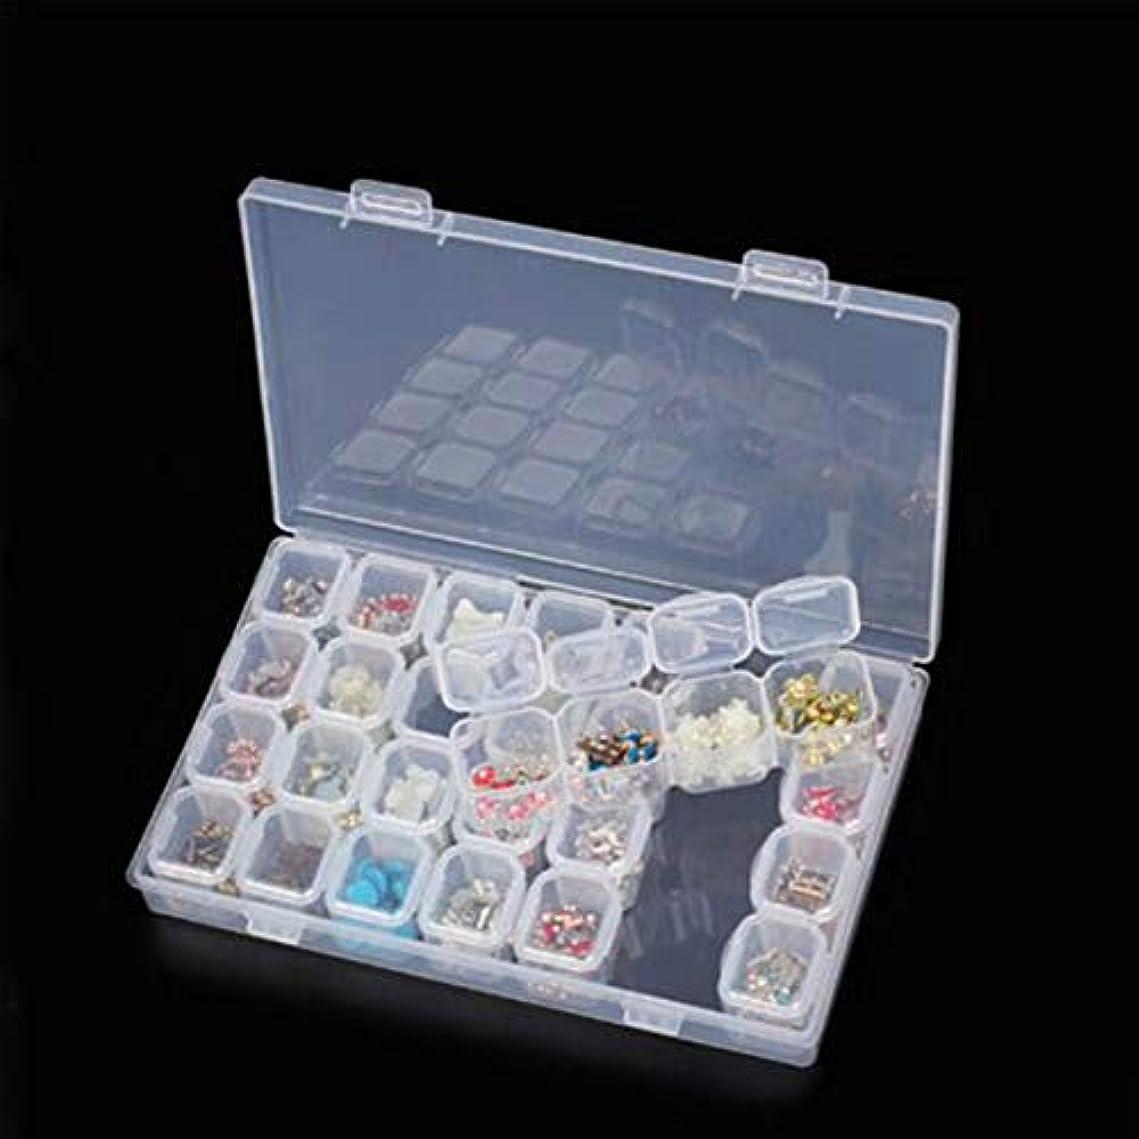 分注するに対して瞑想28スロットプラスチック収納ボックスボックスダイヤモンド塗装キットネールアートラインツールズ収納収納ボックスケースオーガナイザーホルダー(透明)